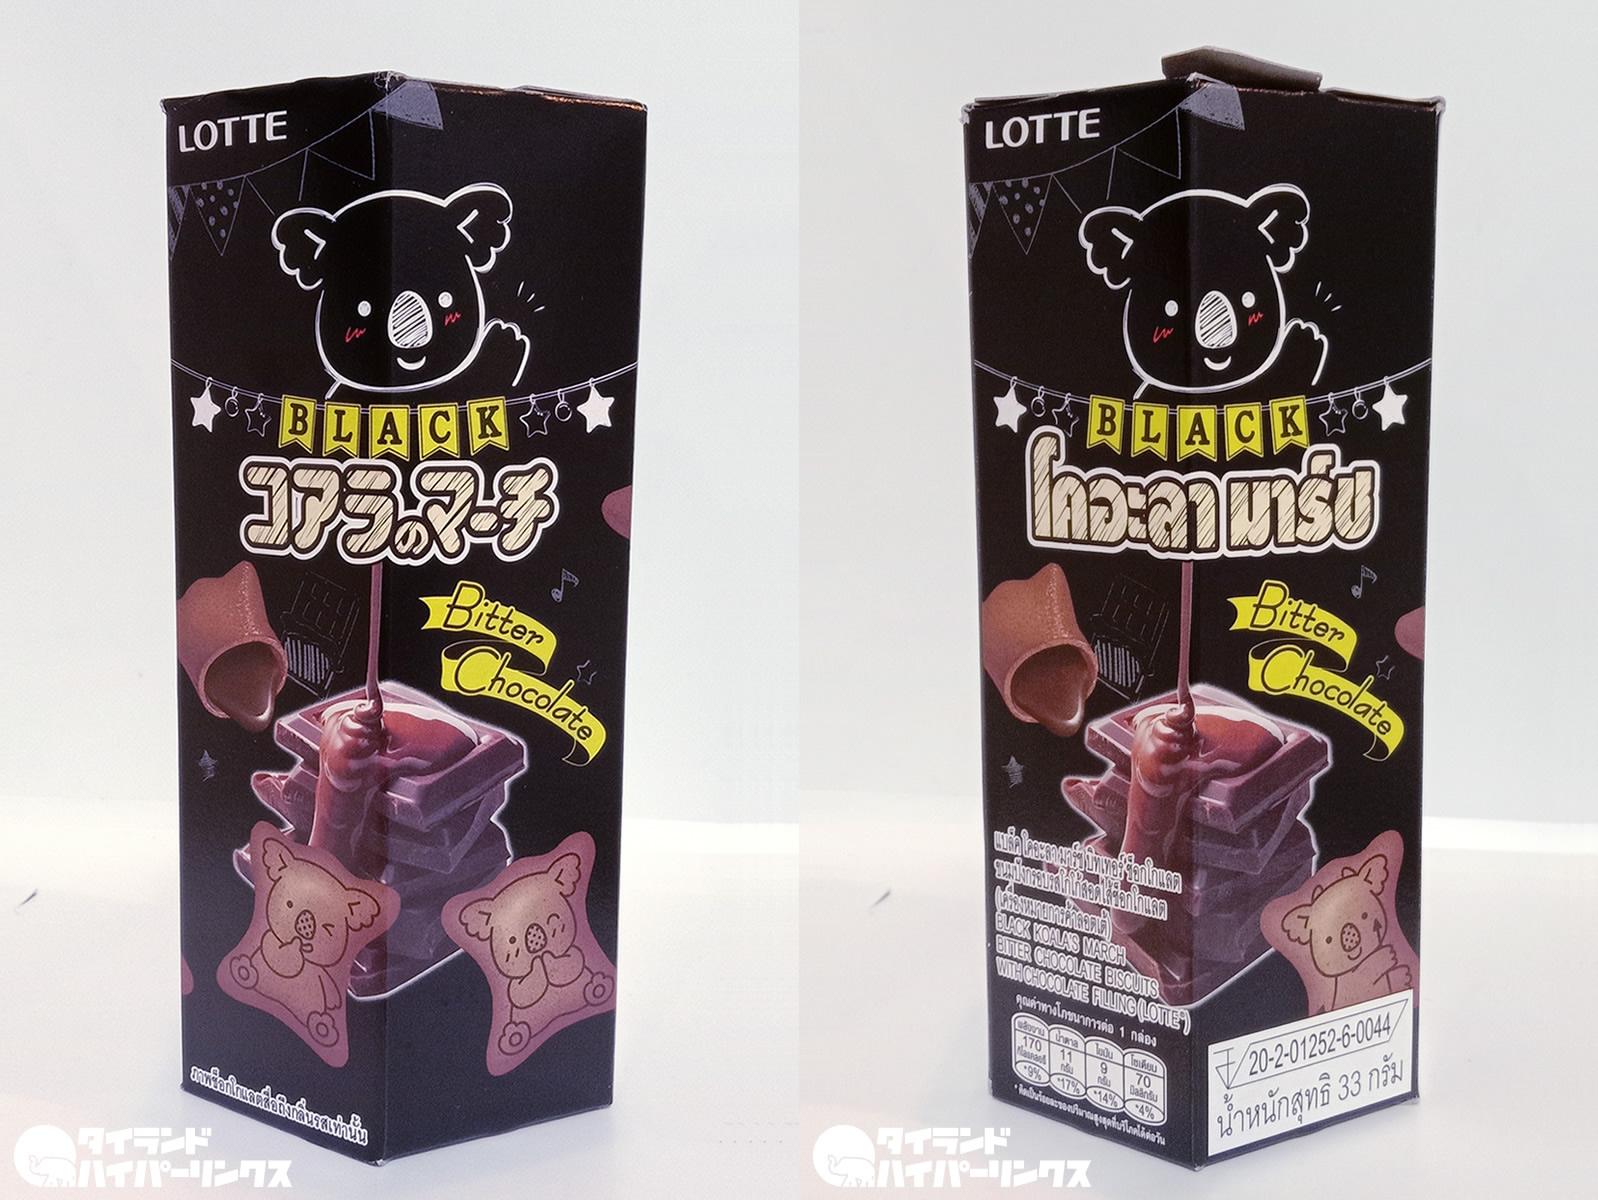 次なる「黒いコアラのマーチ」はビターチョコレート!